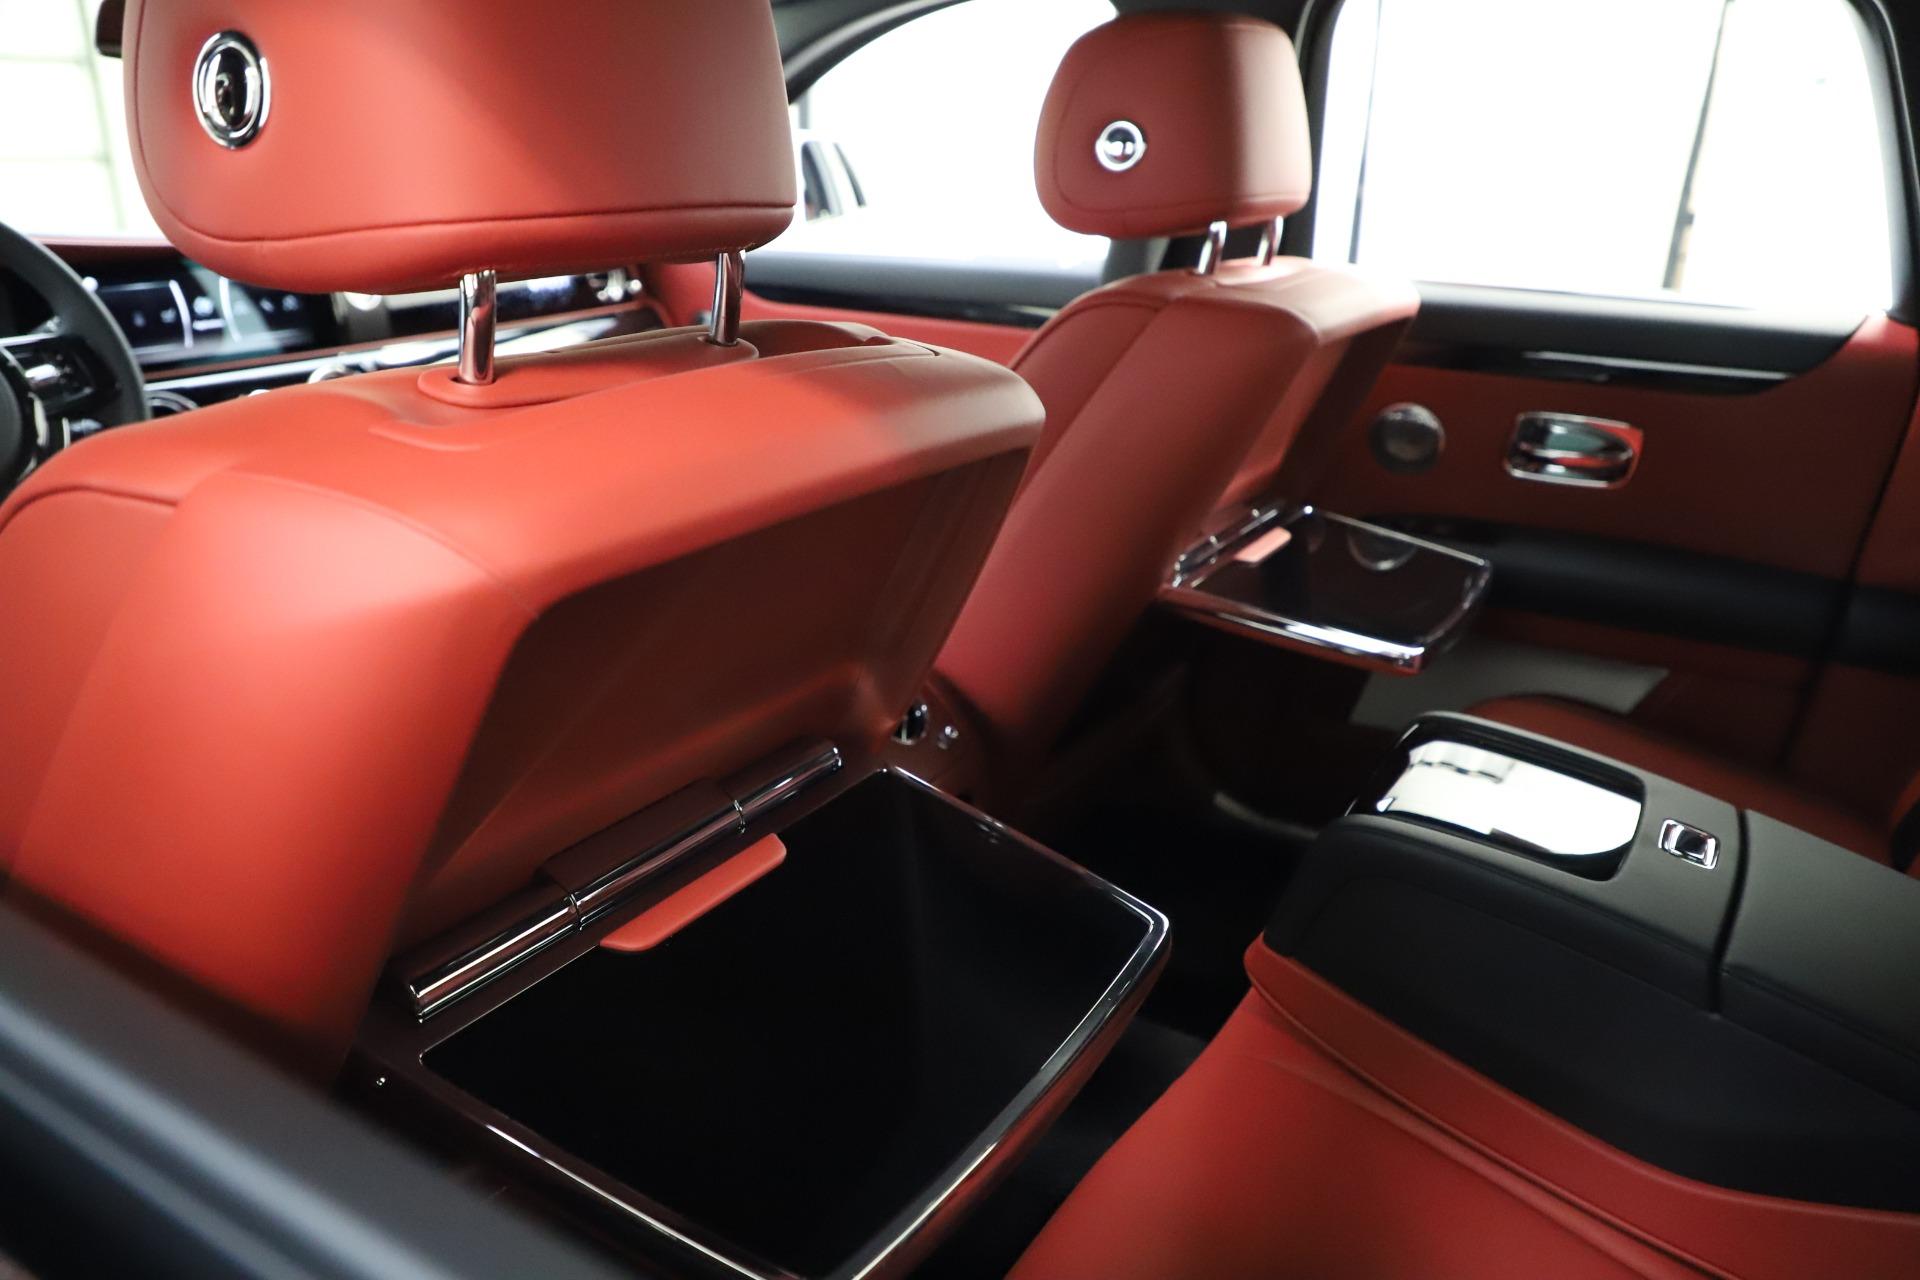 New 2021 Rolls Royce Ghost